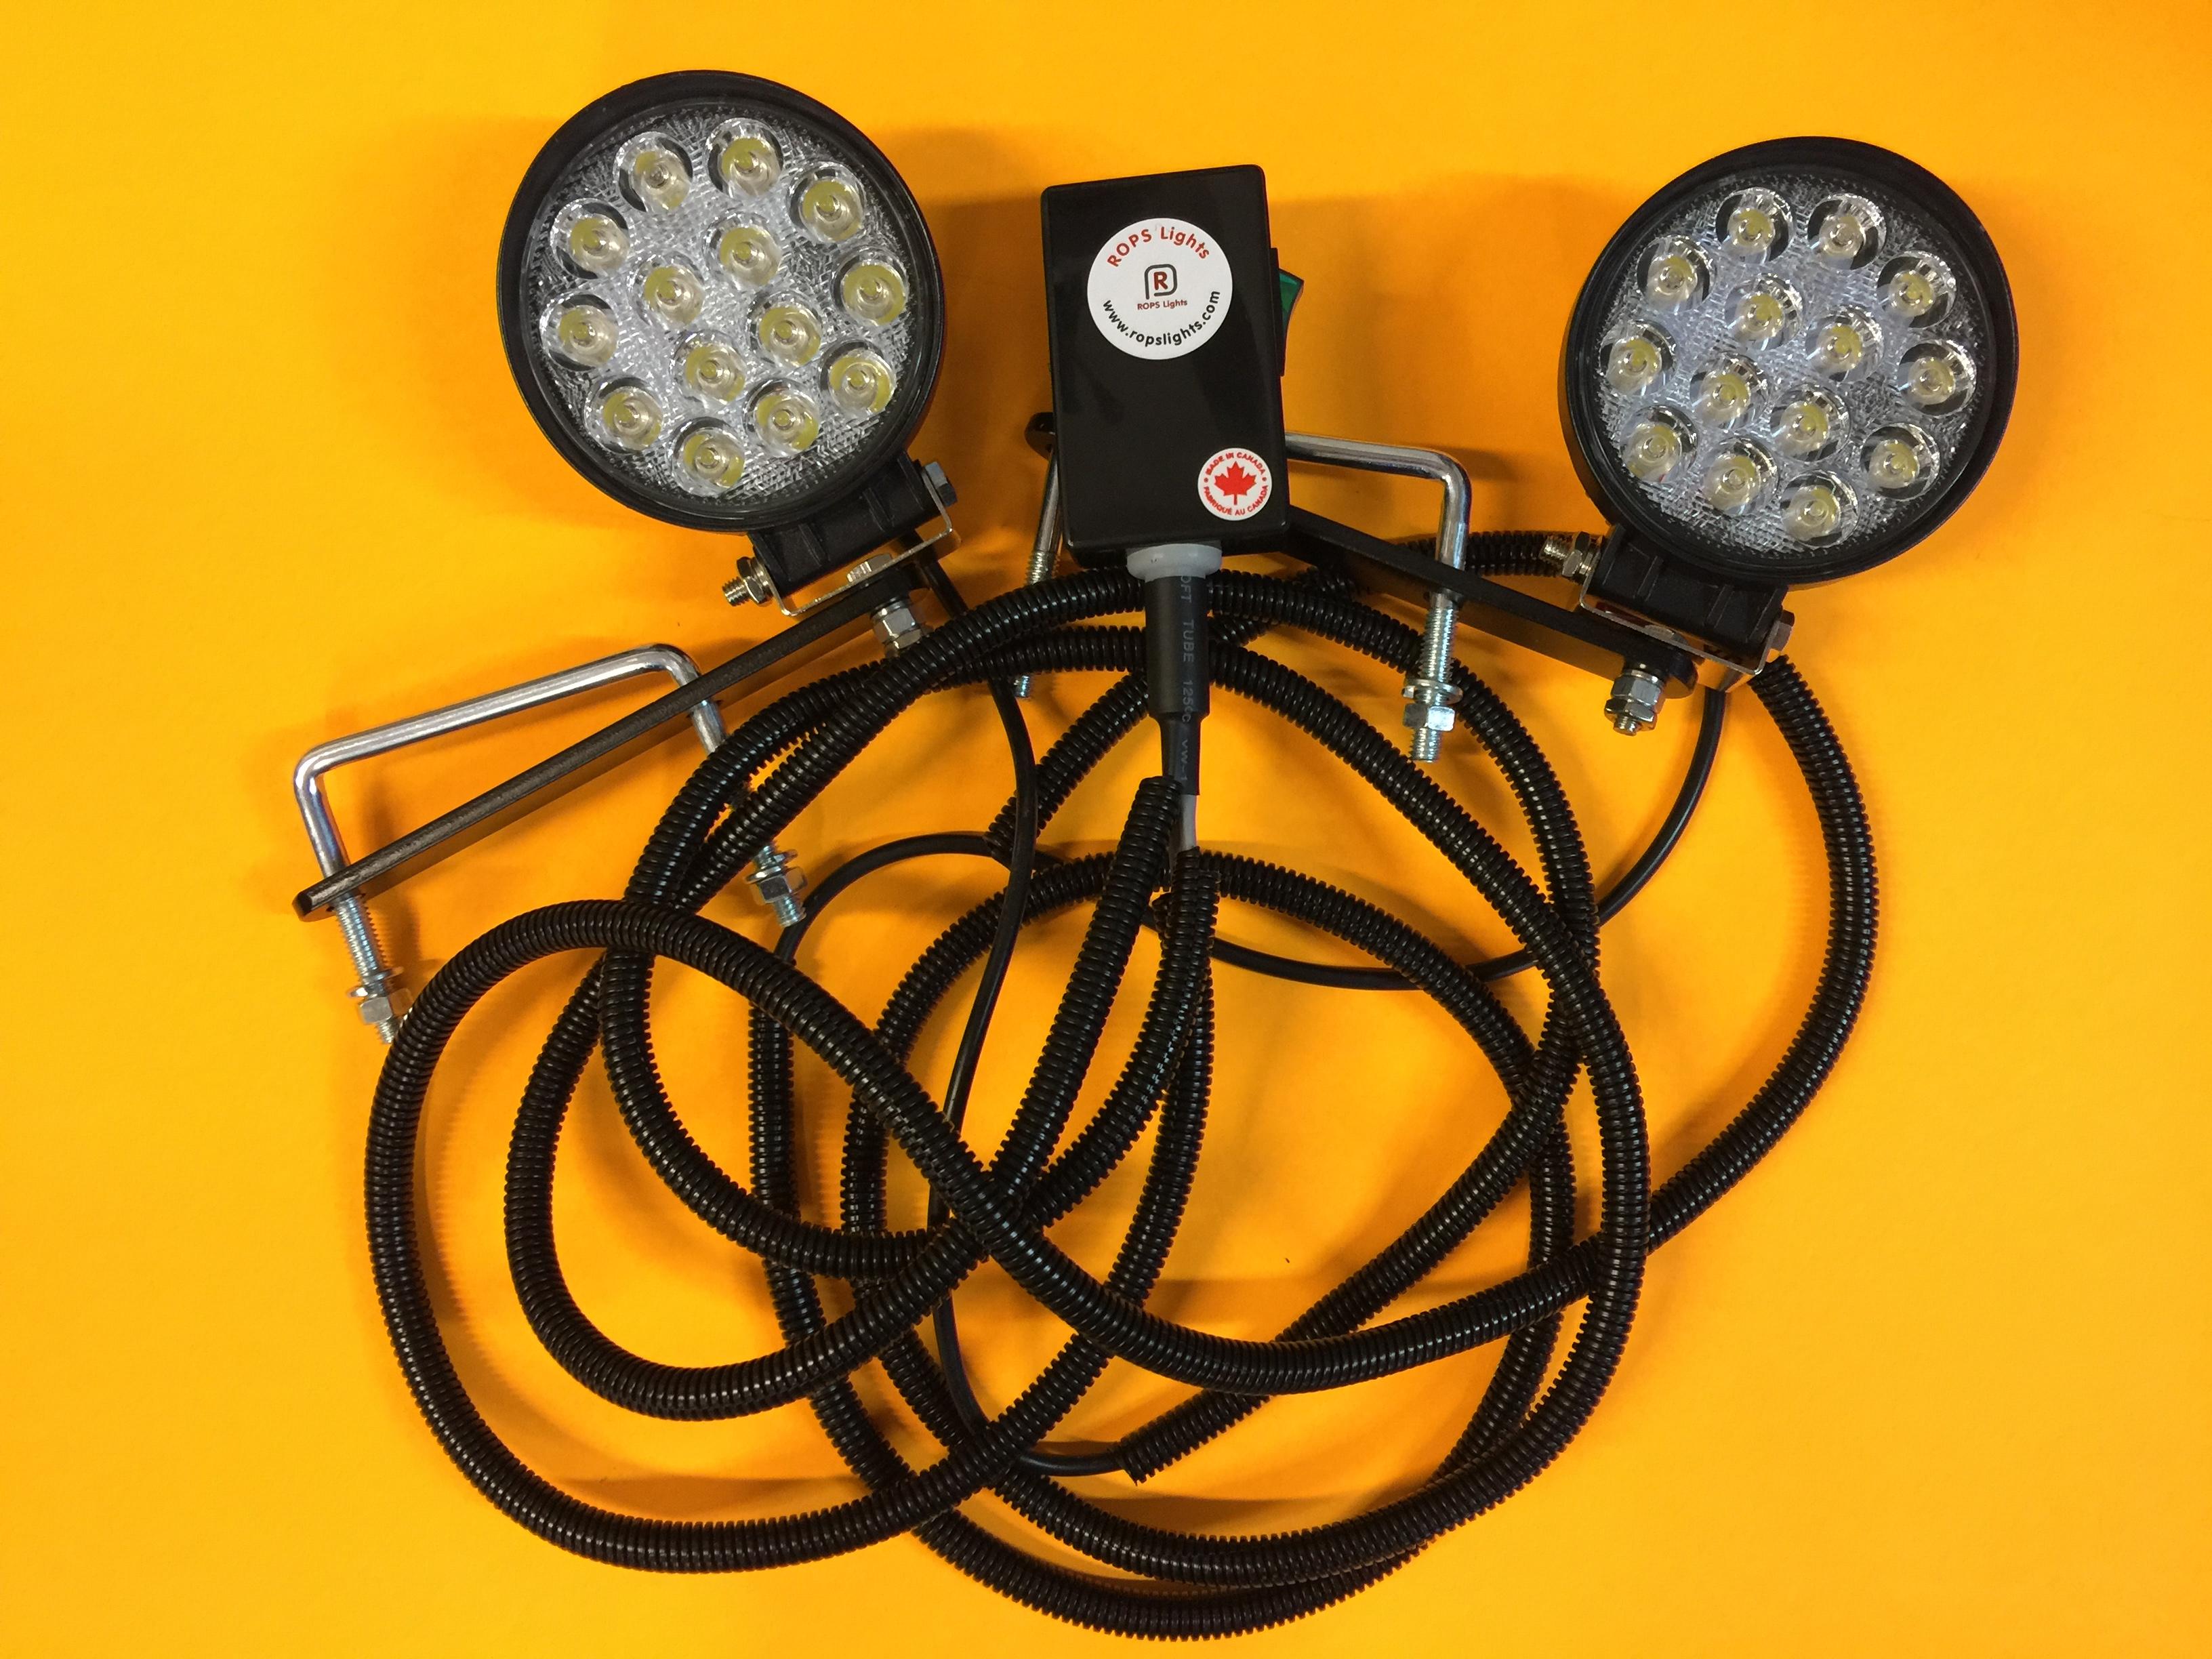 Kubota Bx Series Rops Lights Led Worklight Kits